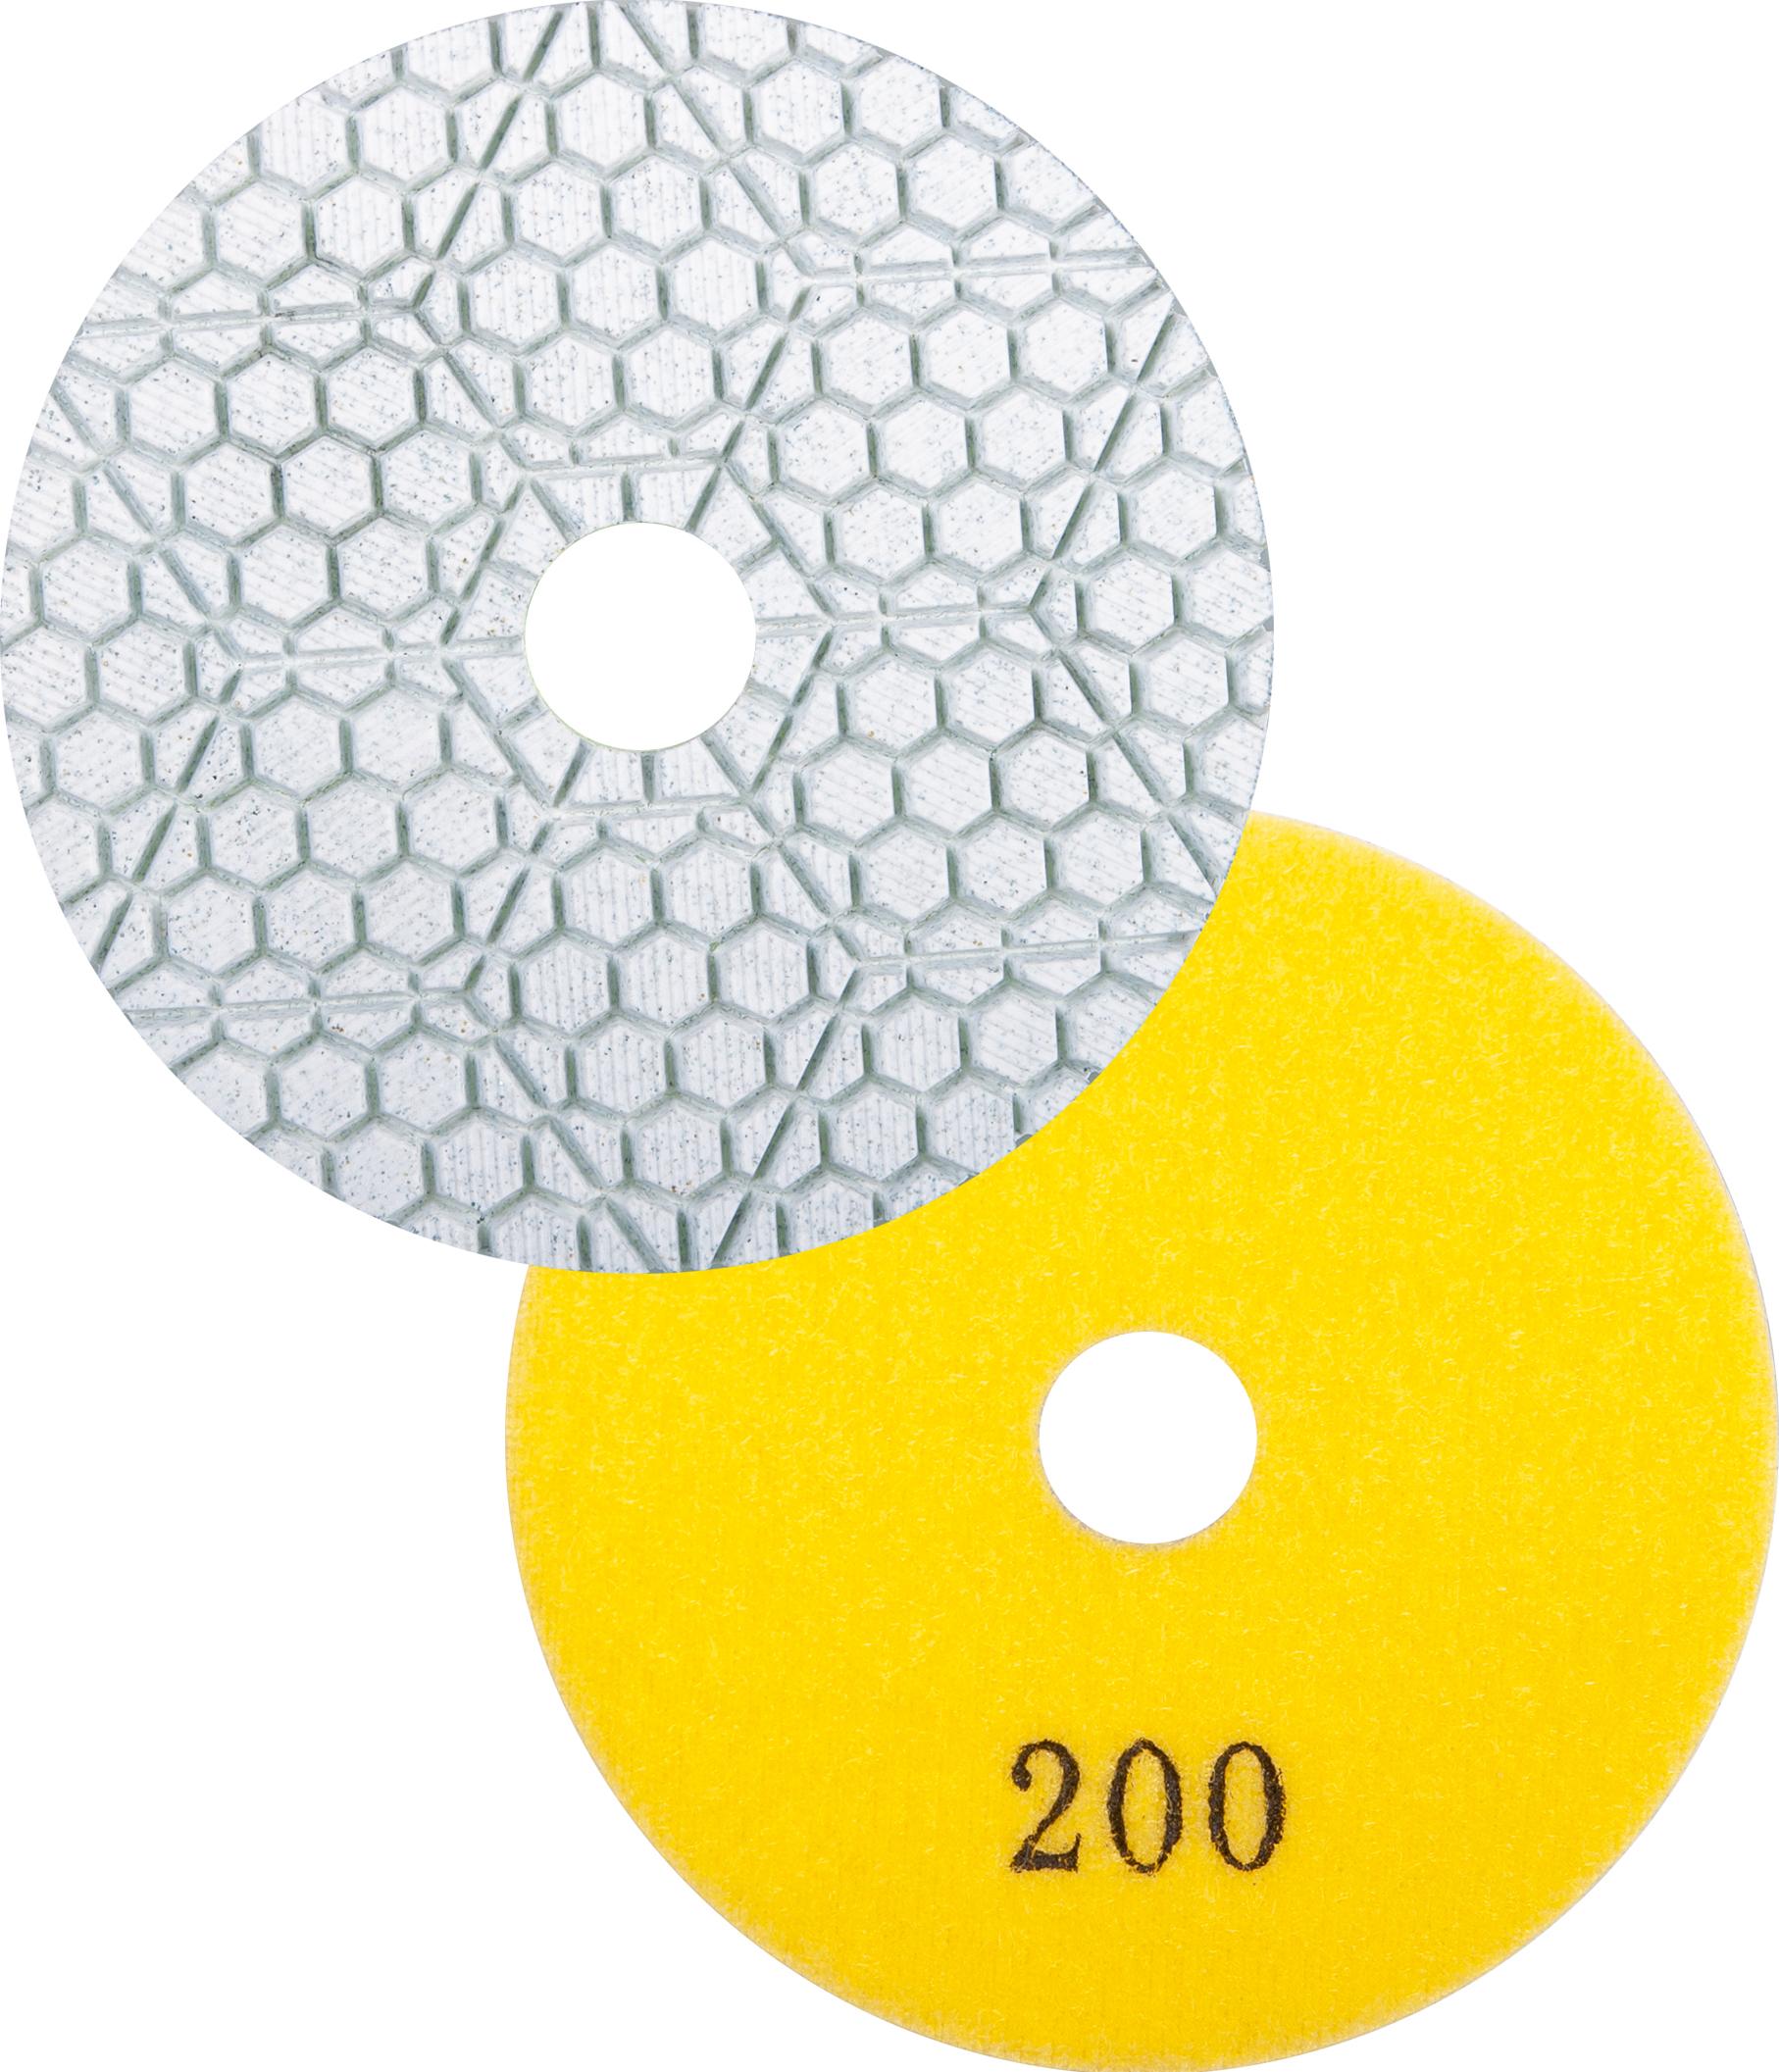 DIAREX Schleifbelag ADR 7-Step ø 100 mm | Korn 200